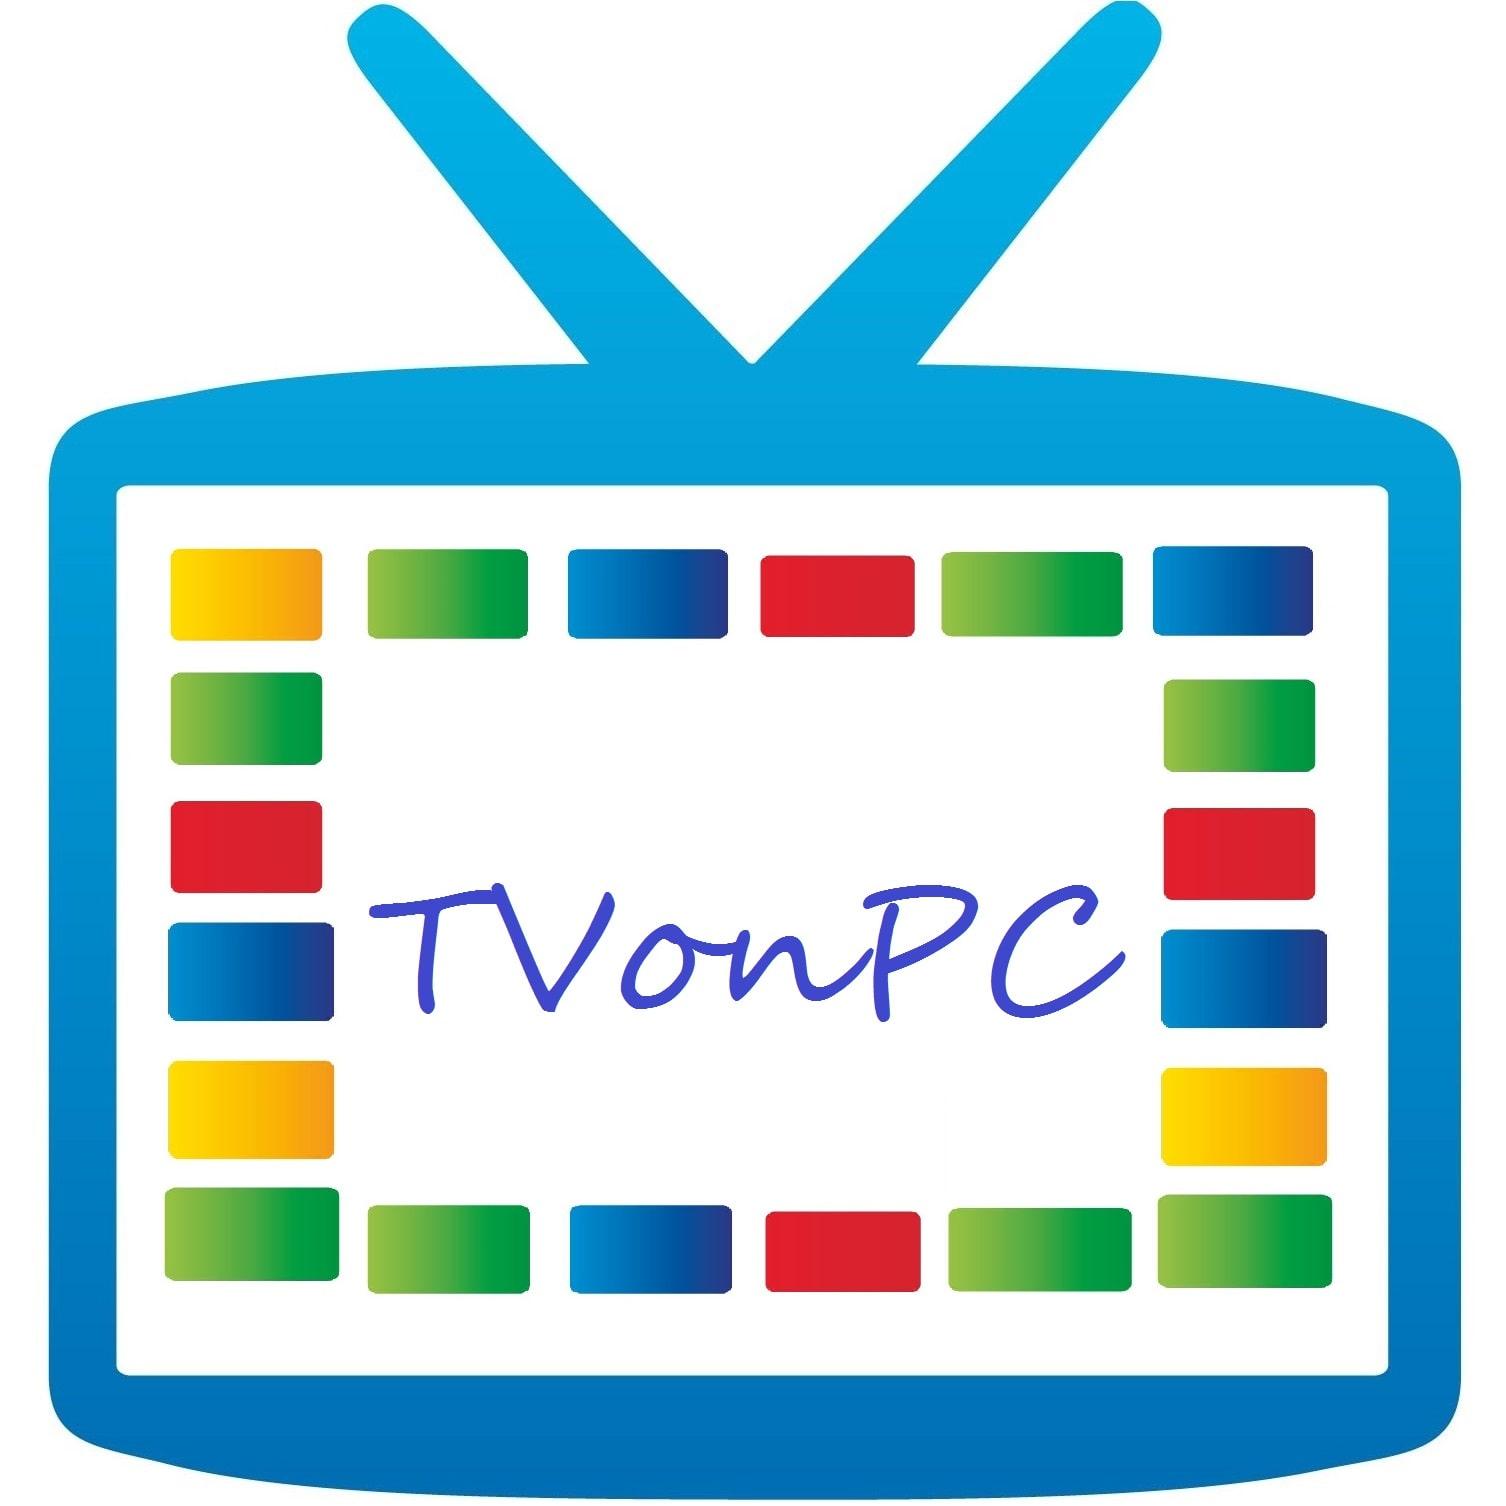 TVonPC